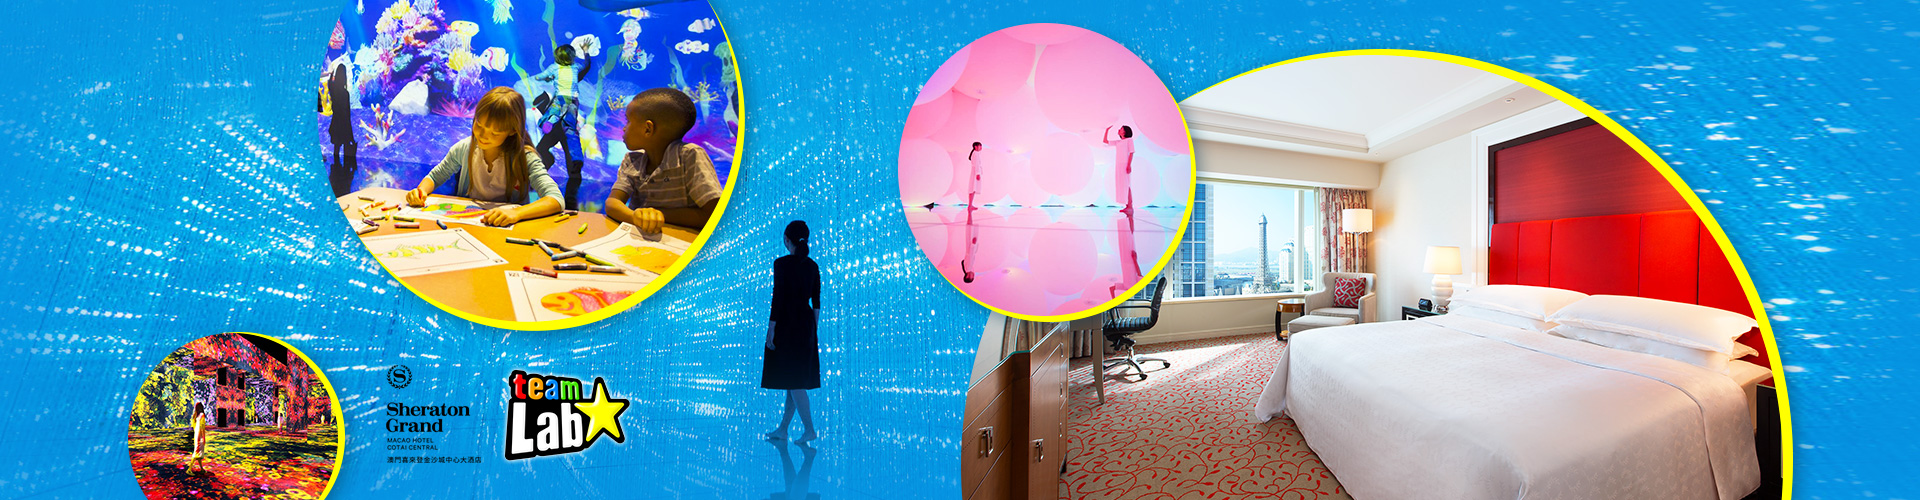 澳門喜來登金沙城中心大酒店「澳門 teamLab 超自然空間」住宿套票